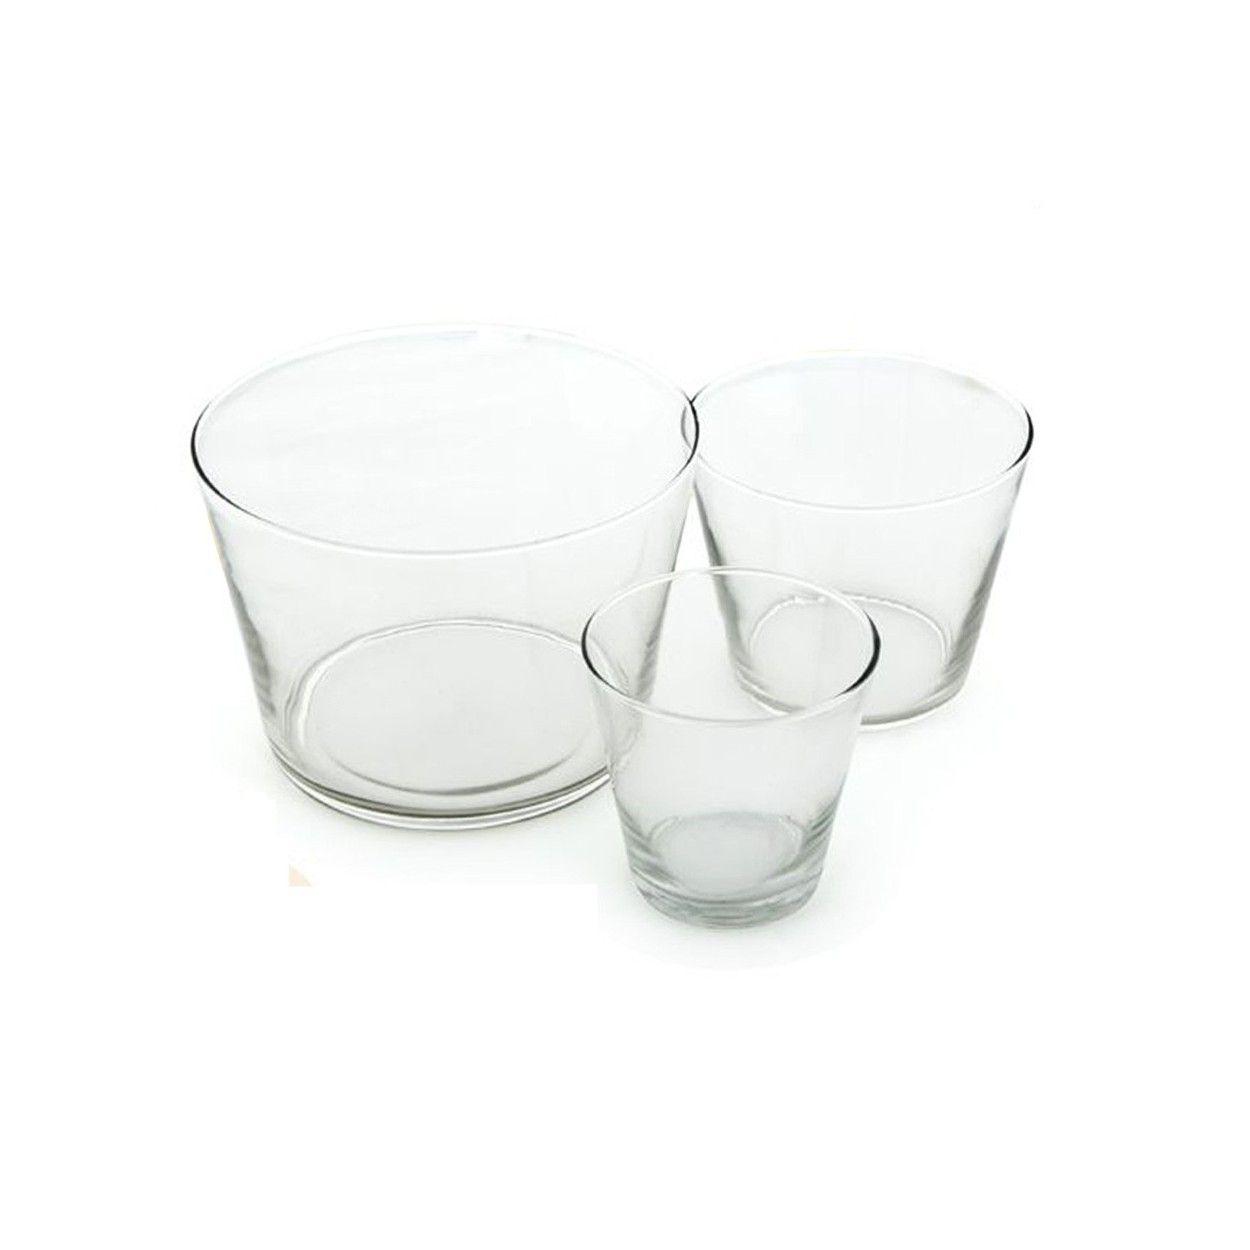 Vasos de cristal para decoraci n hogar y m s - Vasos grandes cristal ...